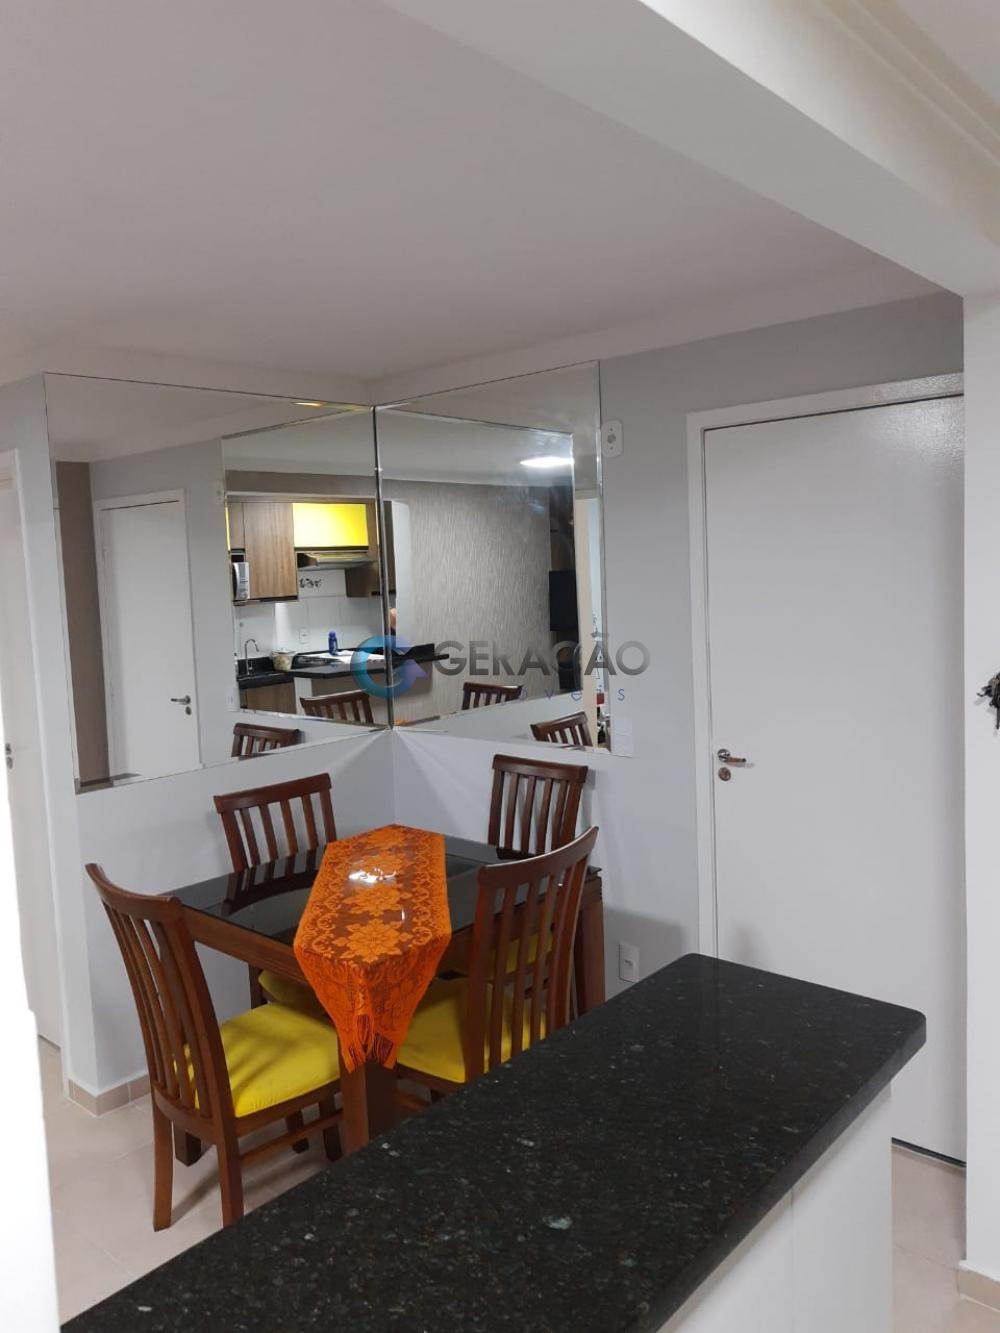 Alugar Apartamento / Padrão em São José dos Campos R$ 1.800,00 - Foto 6